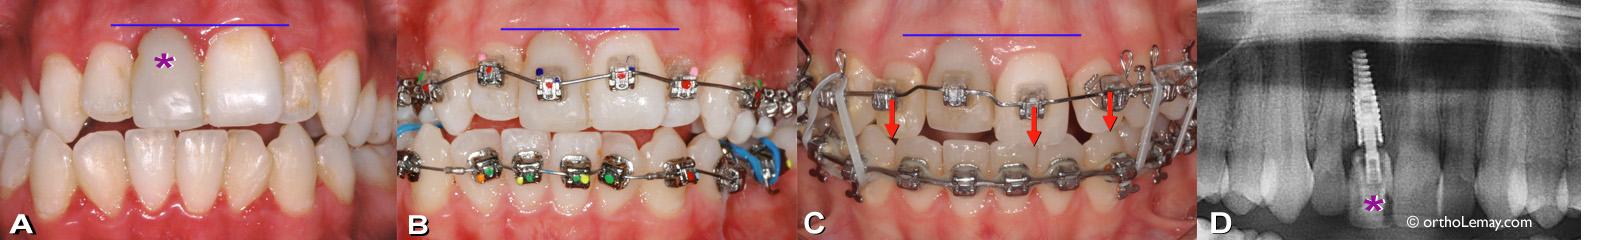 """Implant dentaire sur une incisive centrale supérieure posé avant l'orthodontie. Implant dentaire sur une incisive centrale supérieure (*) posé avant un traitement d""""orthodontie."""